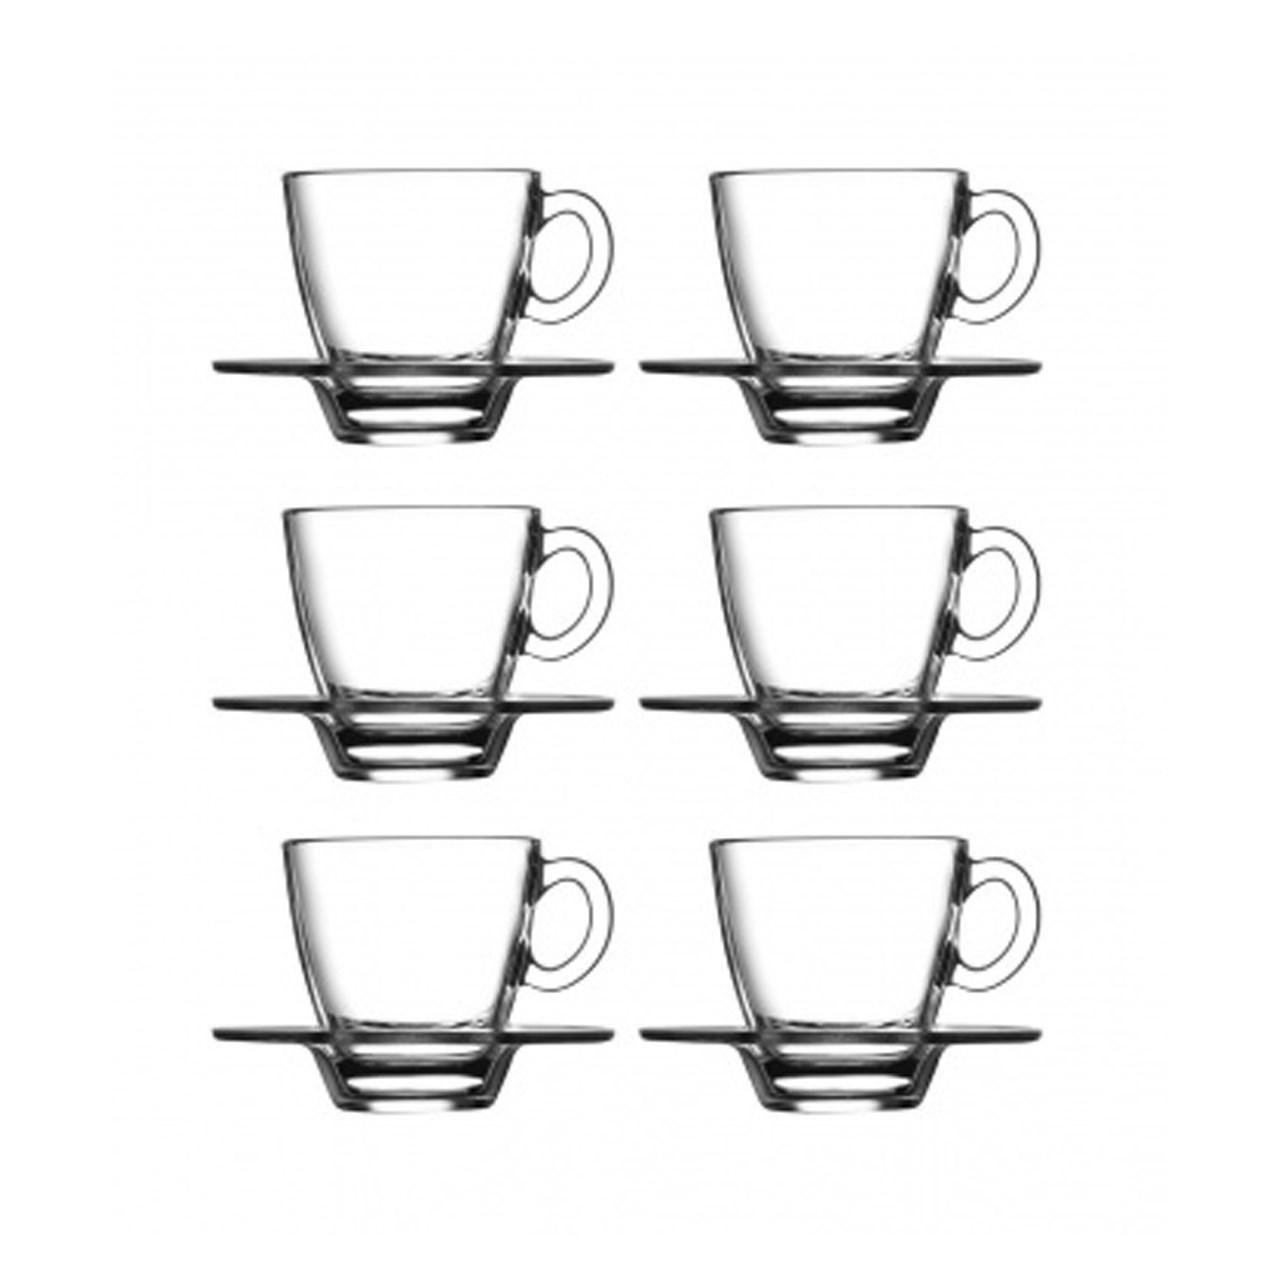 ست فنجان و نعلبکی پاشاباغچه مدلAqua کد 95756 -بسته 6 عددی